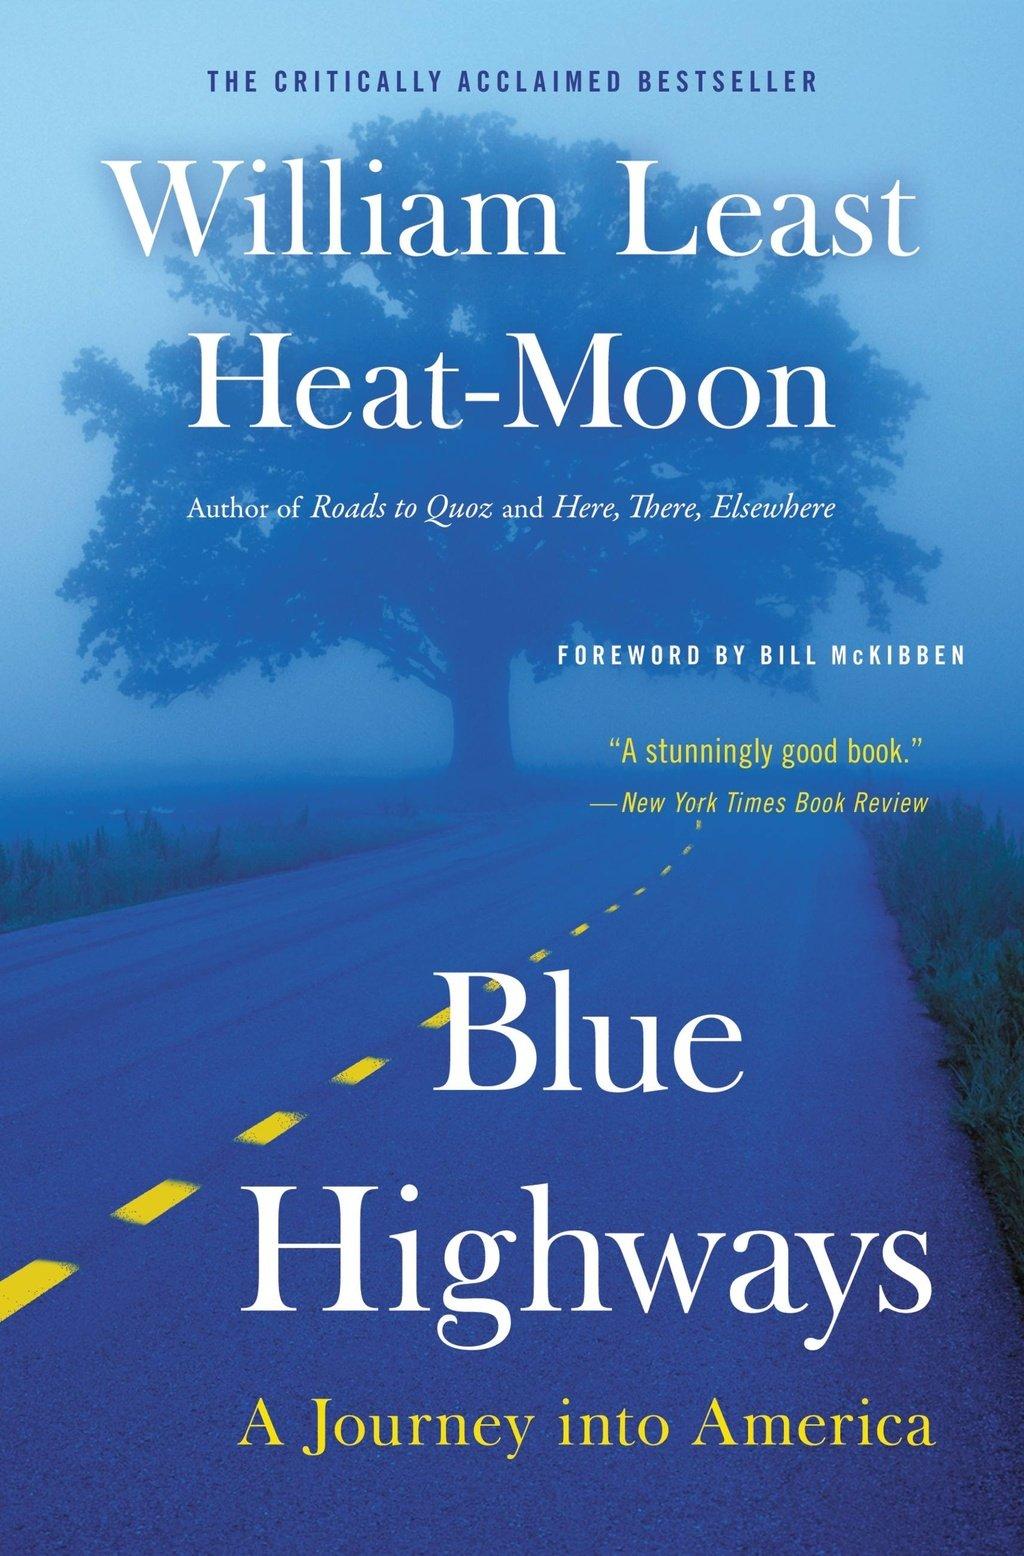 Blue Highways, William Least Heat-Moon